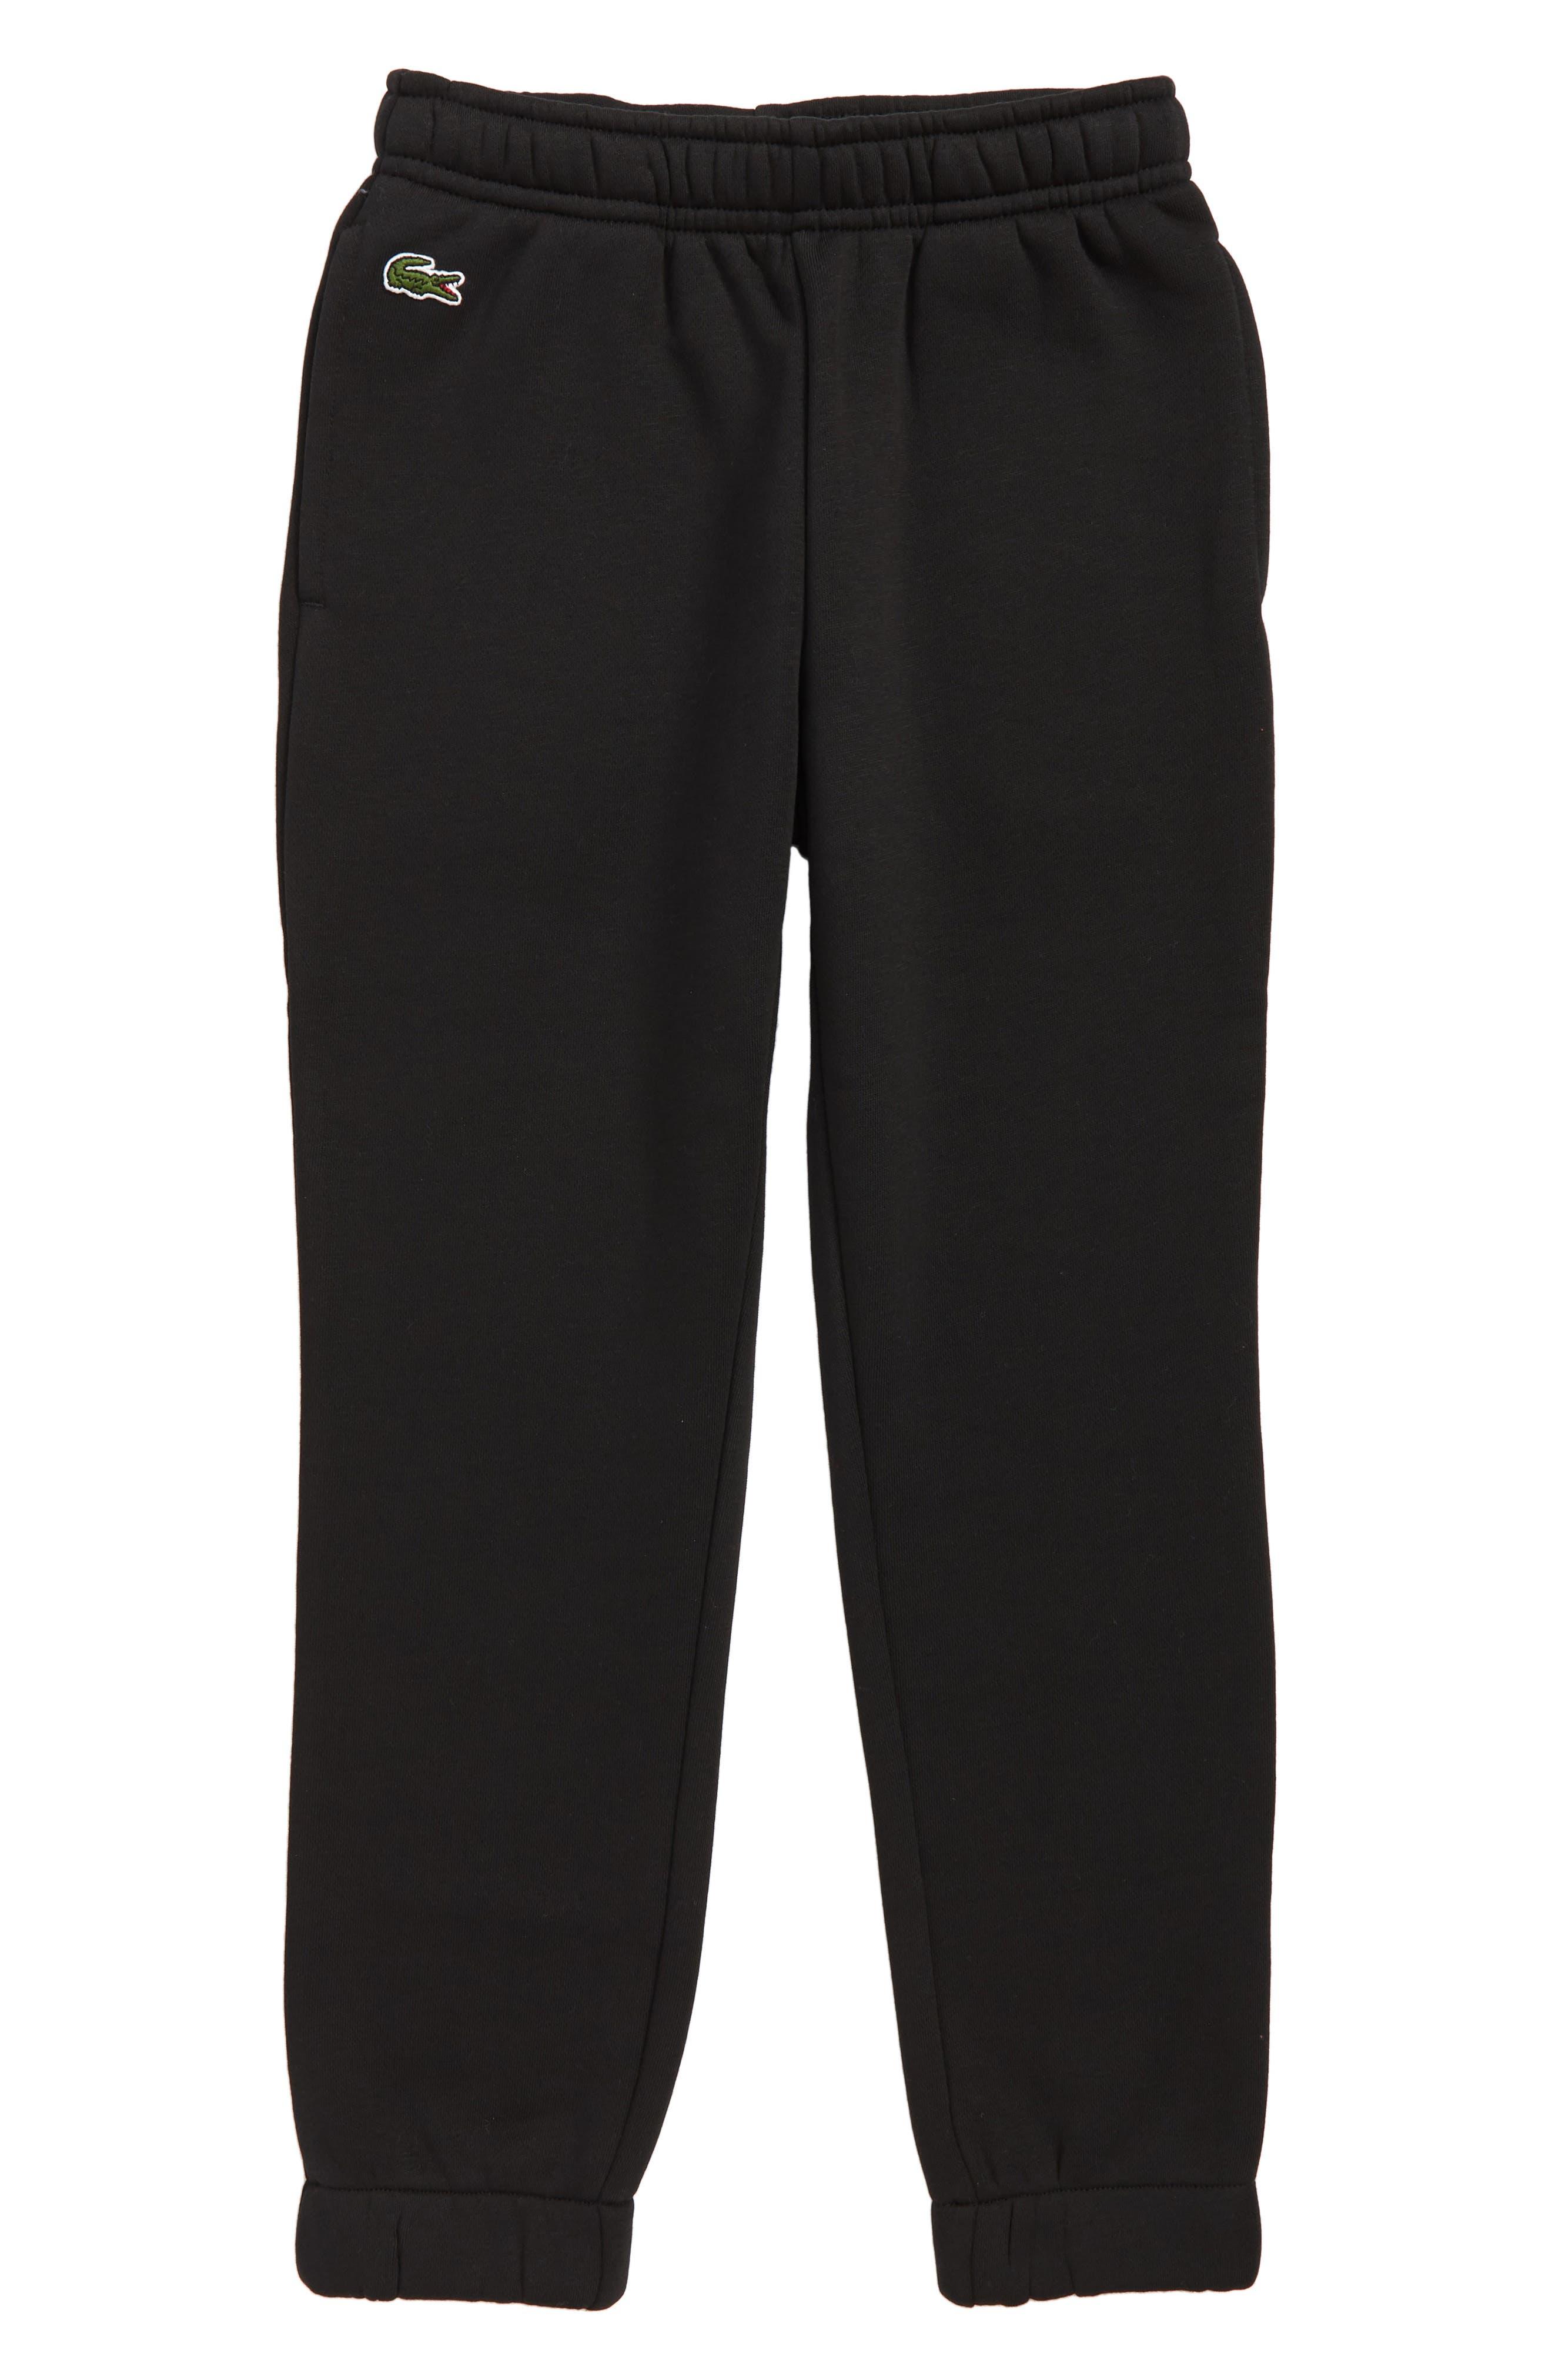 Boys Lacoste Fleece Pants Size 6Y  Black